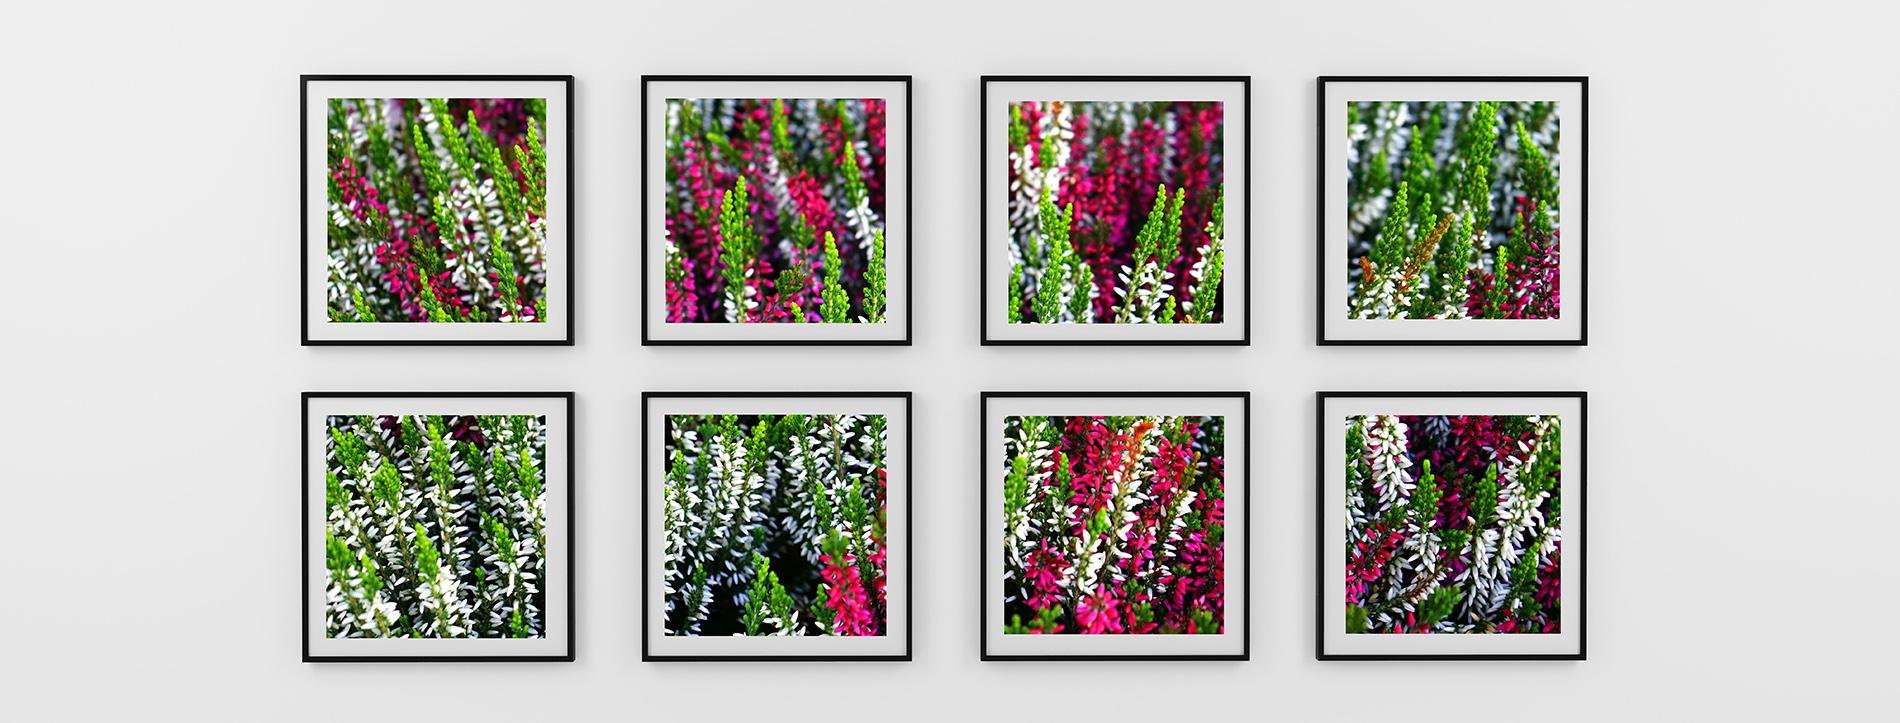 veggbilder fotokunst kunstfoto laminering laminert